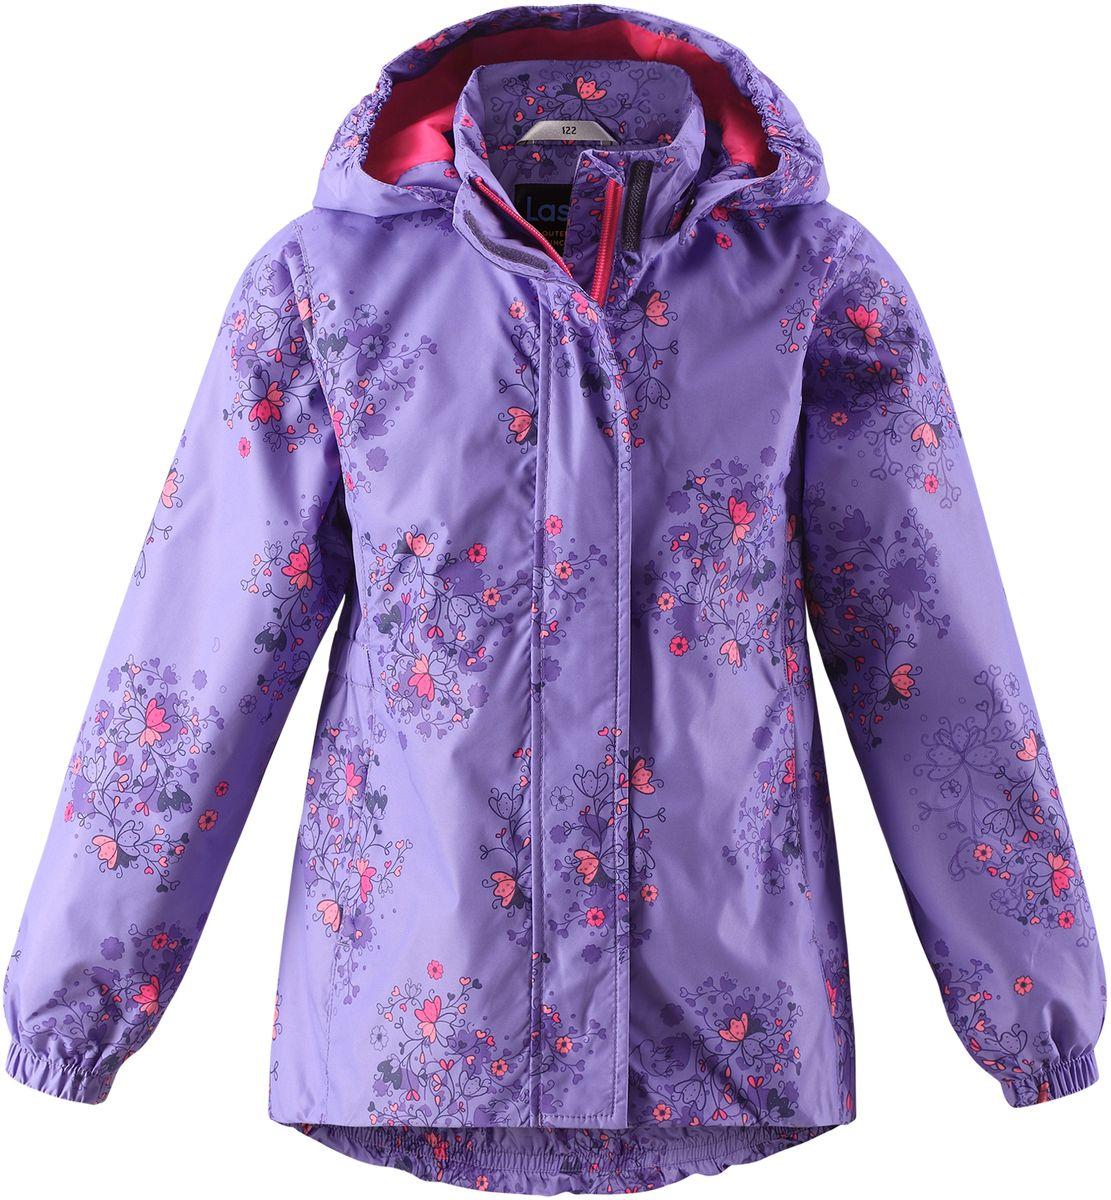 Куртка для девочки Lassie, цвет: сиреневый. 721704R5691. Размер 92721704R5691Стильная демисезонная куртка для девочек изготовлена из водоотталкивающего, ветронепроницаемого и дышащего материала. Гладкая и приятная на ощупь подкладка из полиэстера на легком утеплителе согревает и облегчает процесс одевания. Удлиненная модель для девочек с эластичной талией, подолом и манжетами. Практичные детали просто незаменимы: безопасный съемный капюшон, карманы, вшитые в боковые швы, и светоотражающая эмблема сзади.